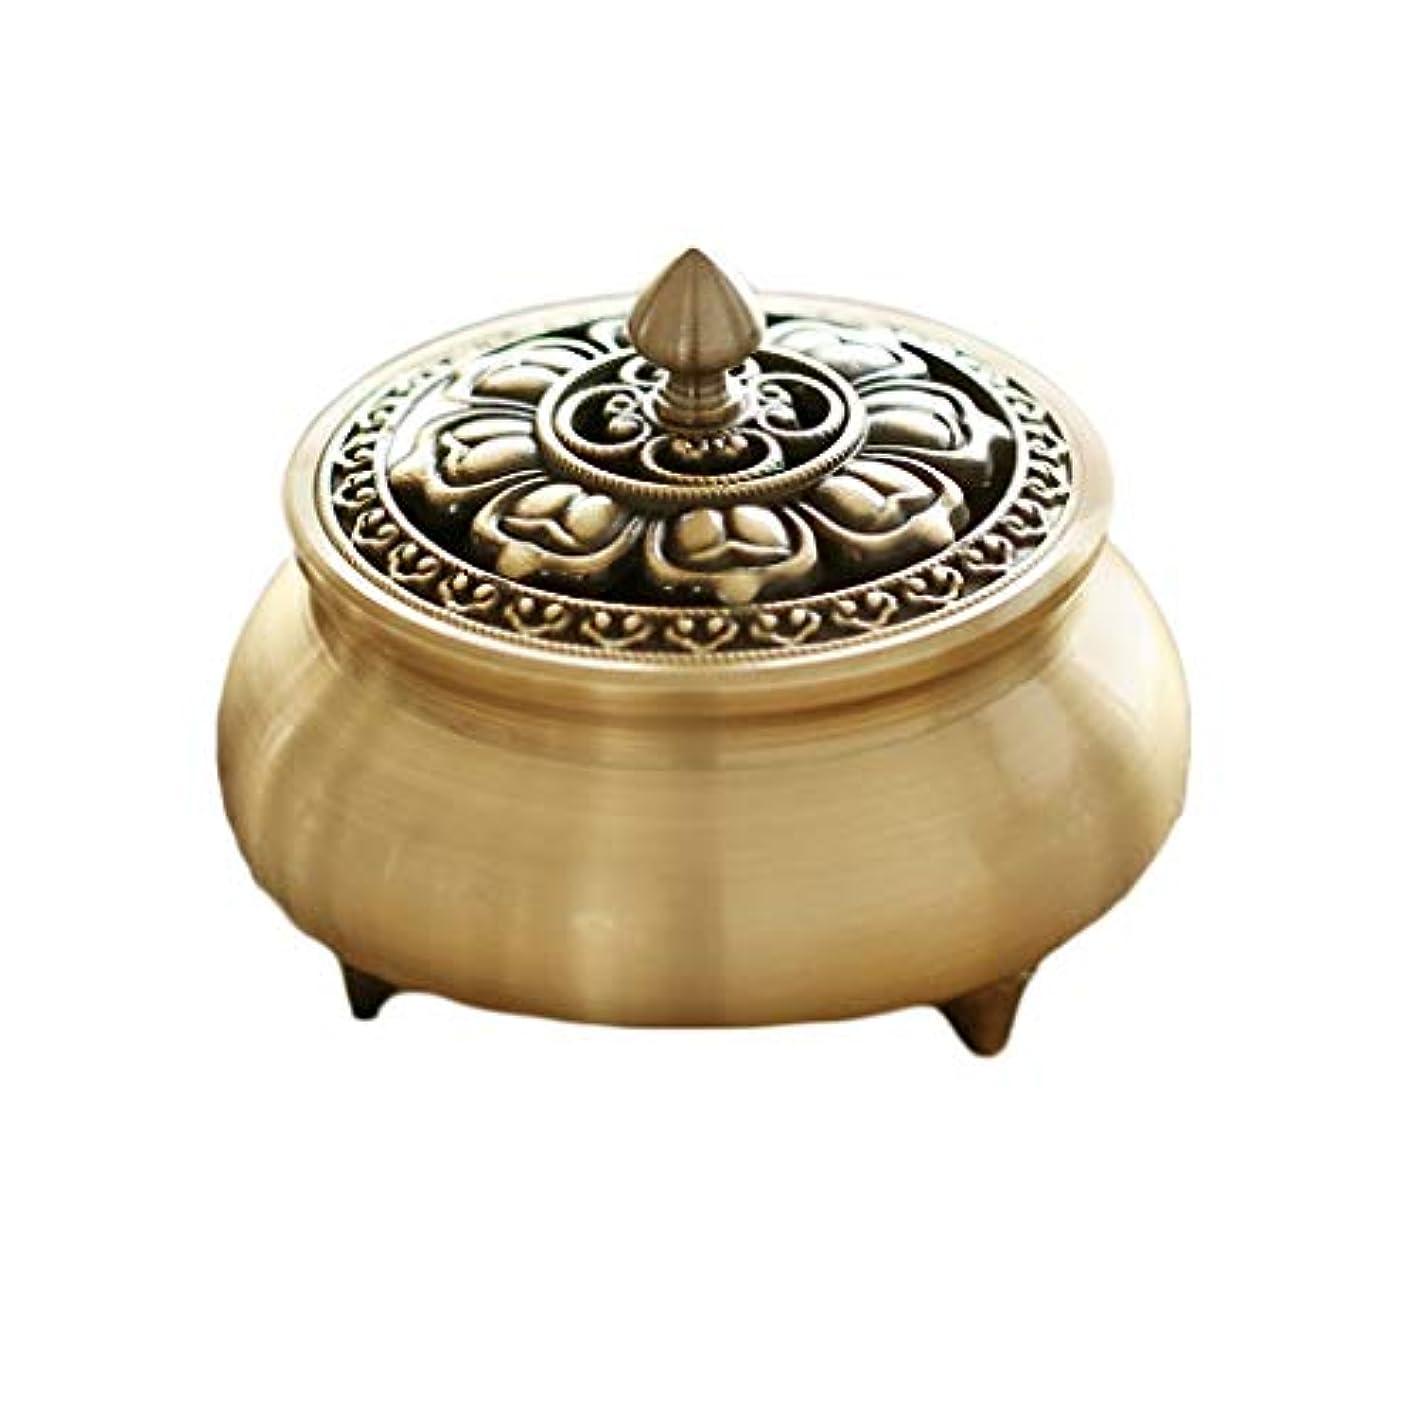 九銀サイクロプス芳香器?アロマバーナー 純粋な銅香炉ホームアンティーク白檀用仏寒天香炉香り装飾アロマセラピー炉 アロマバーナー (Color : Brass)